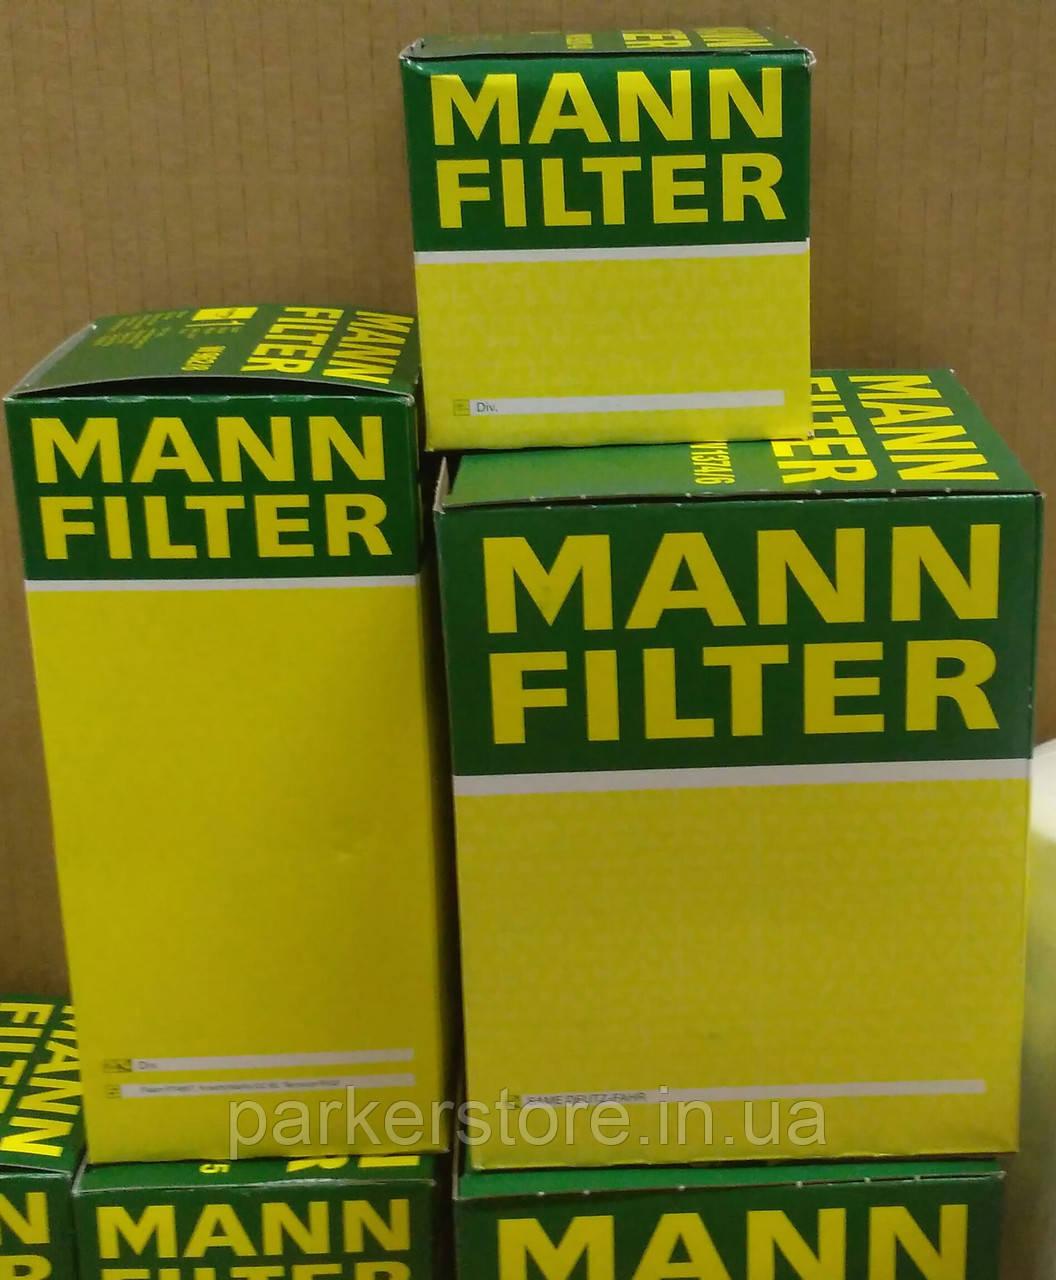 MANN FILTER / Воздушный фильтр / C 32 123 / C32123